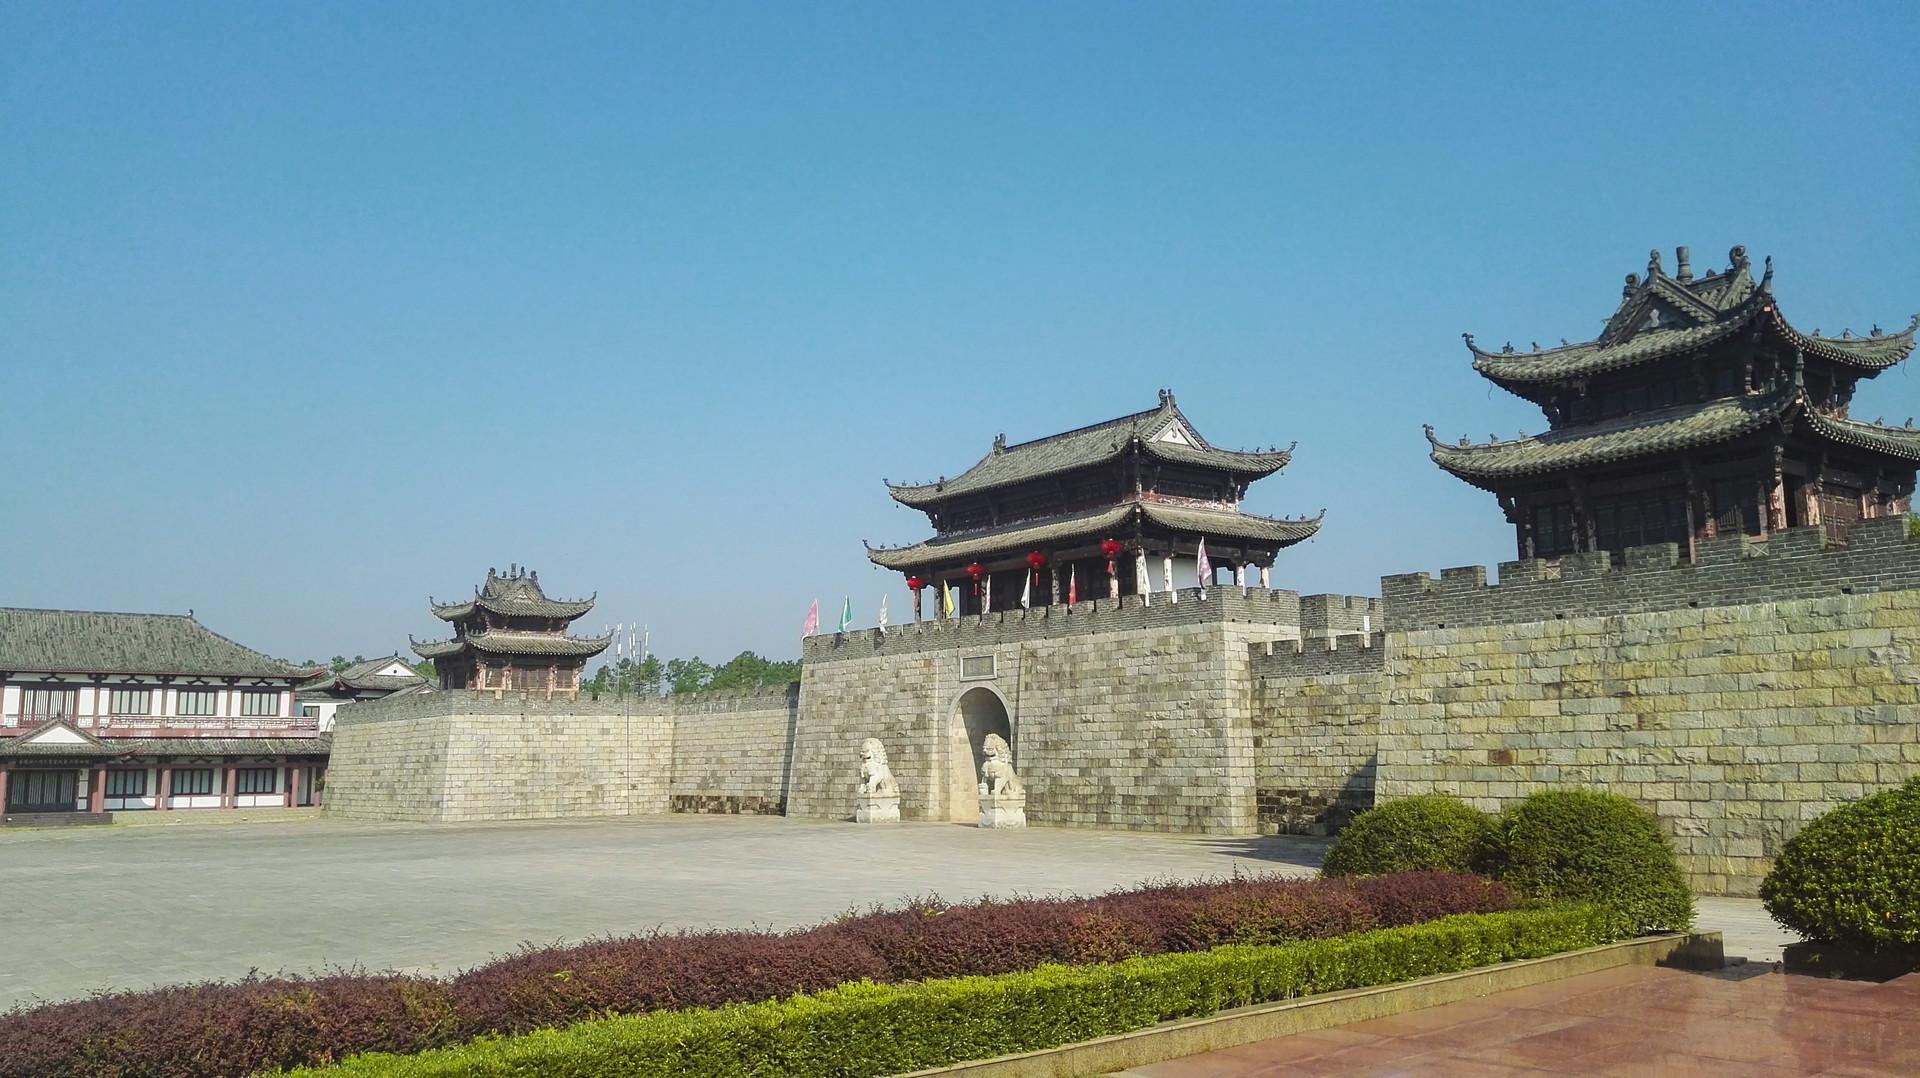 江西这座古城已有1200年,古县衙保留完好与平遥齐名